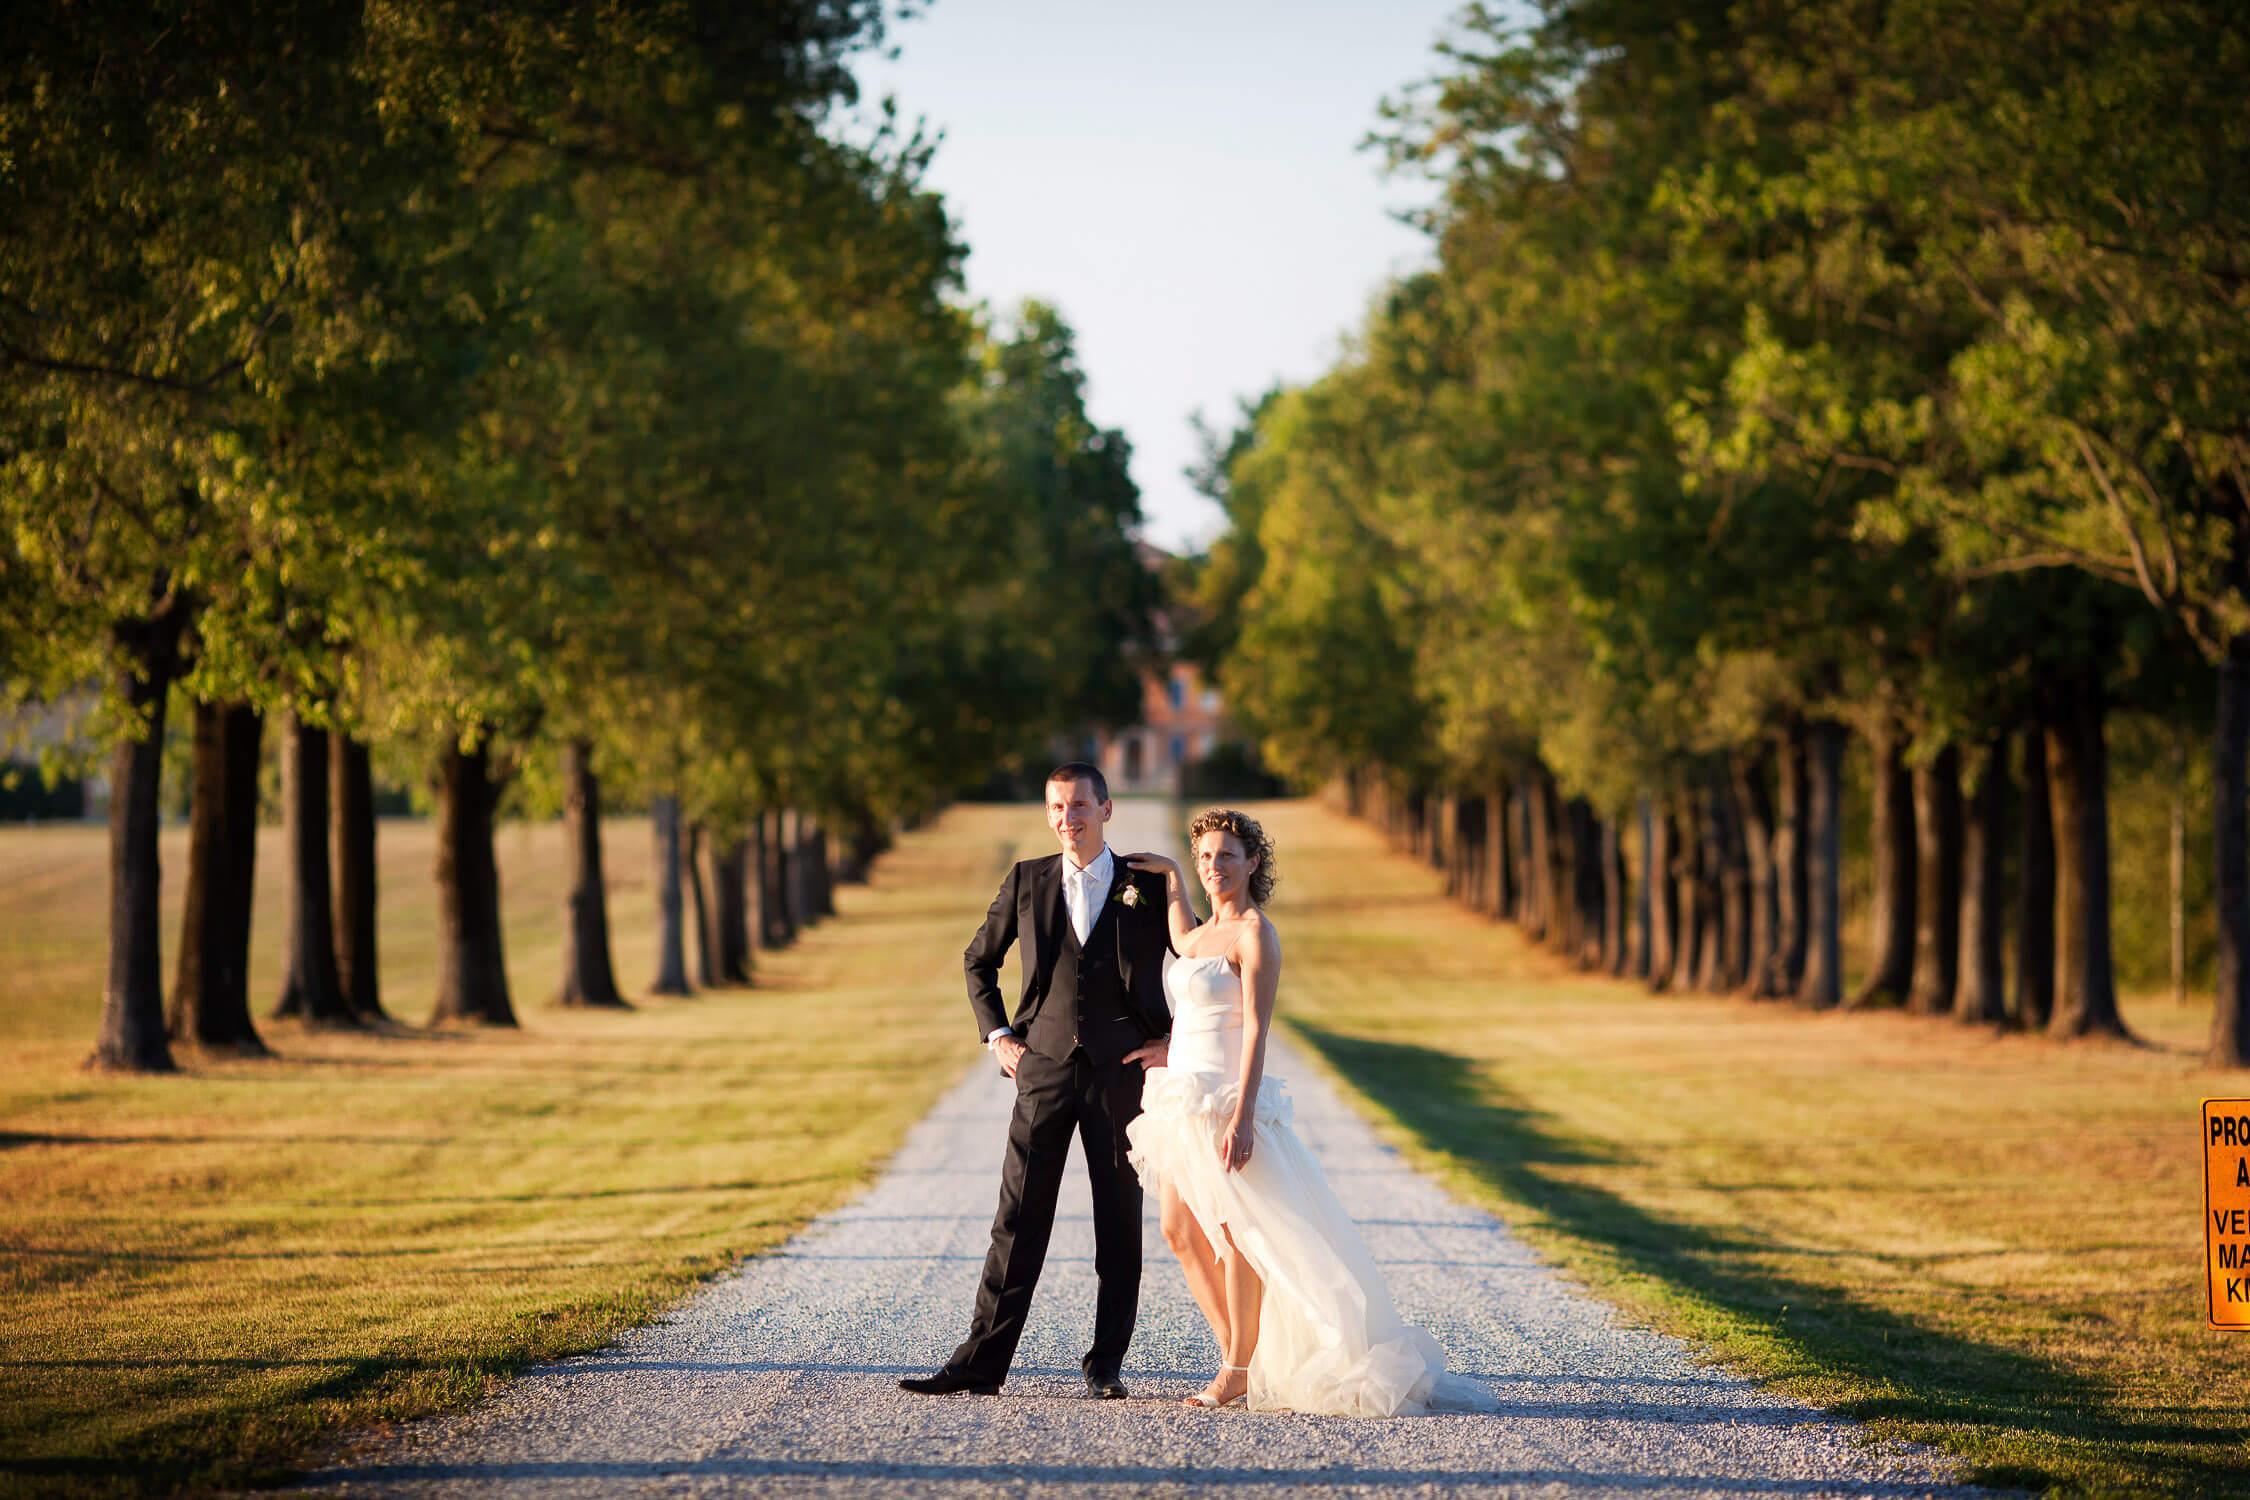 Reportage per Matrimonio a Reggio nell'Emilia - Fotografo raccomandato sposi matrimonio.com